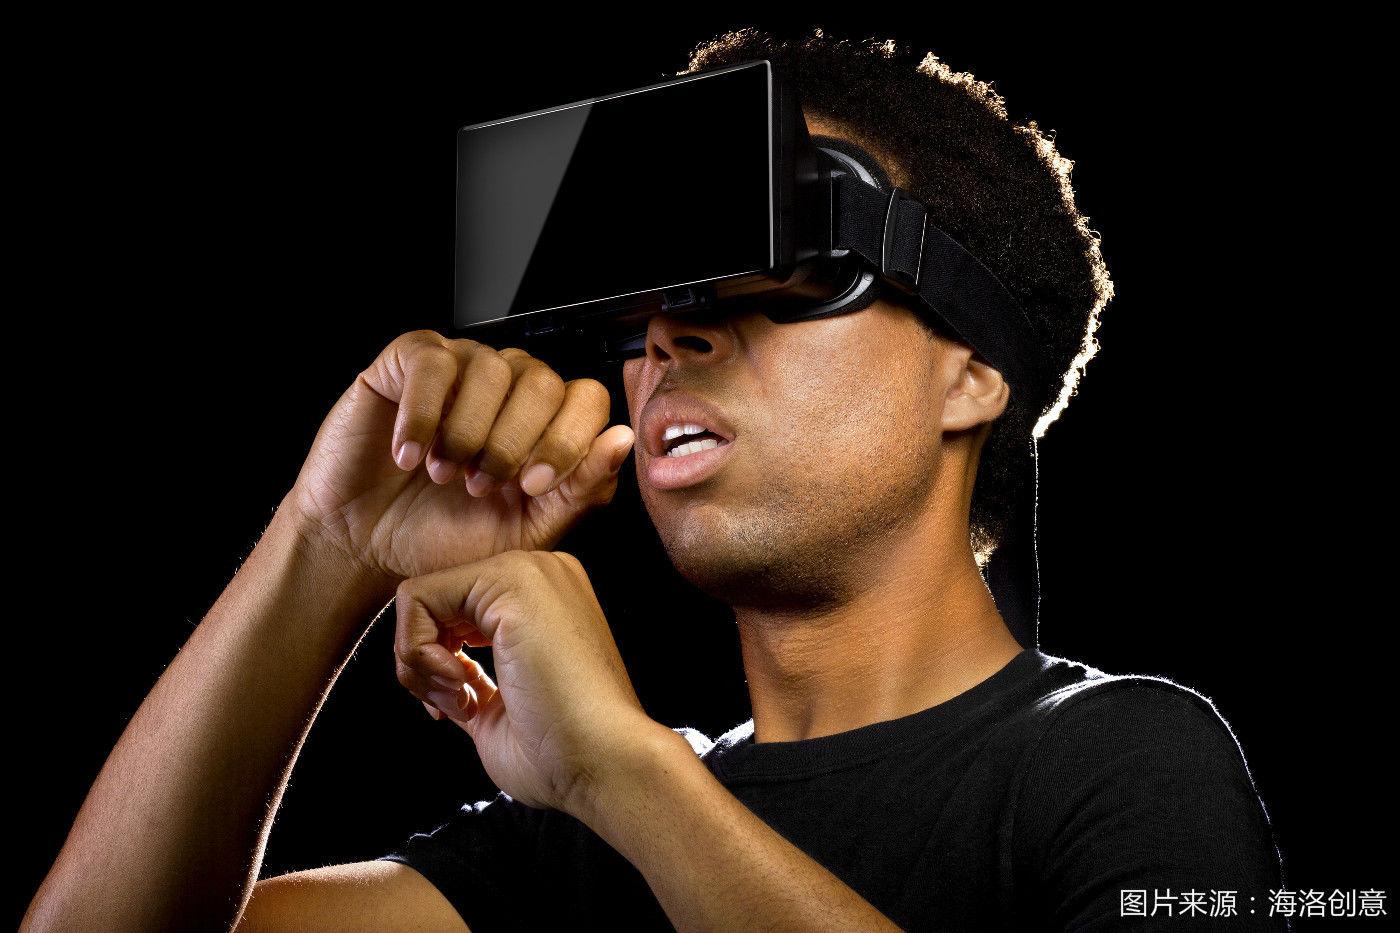 我参加了一场 VR 电影节,却依然不知何时才能看一部真正的 VR 电影